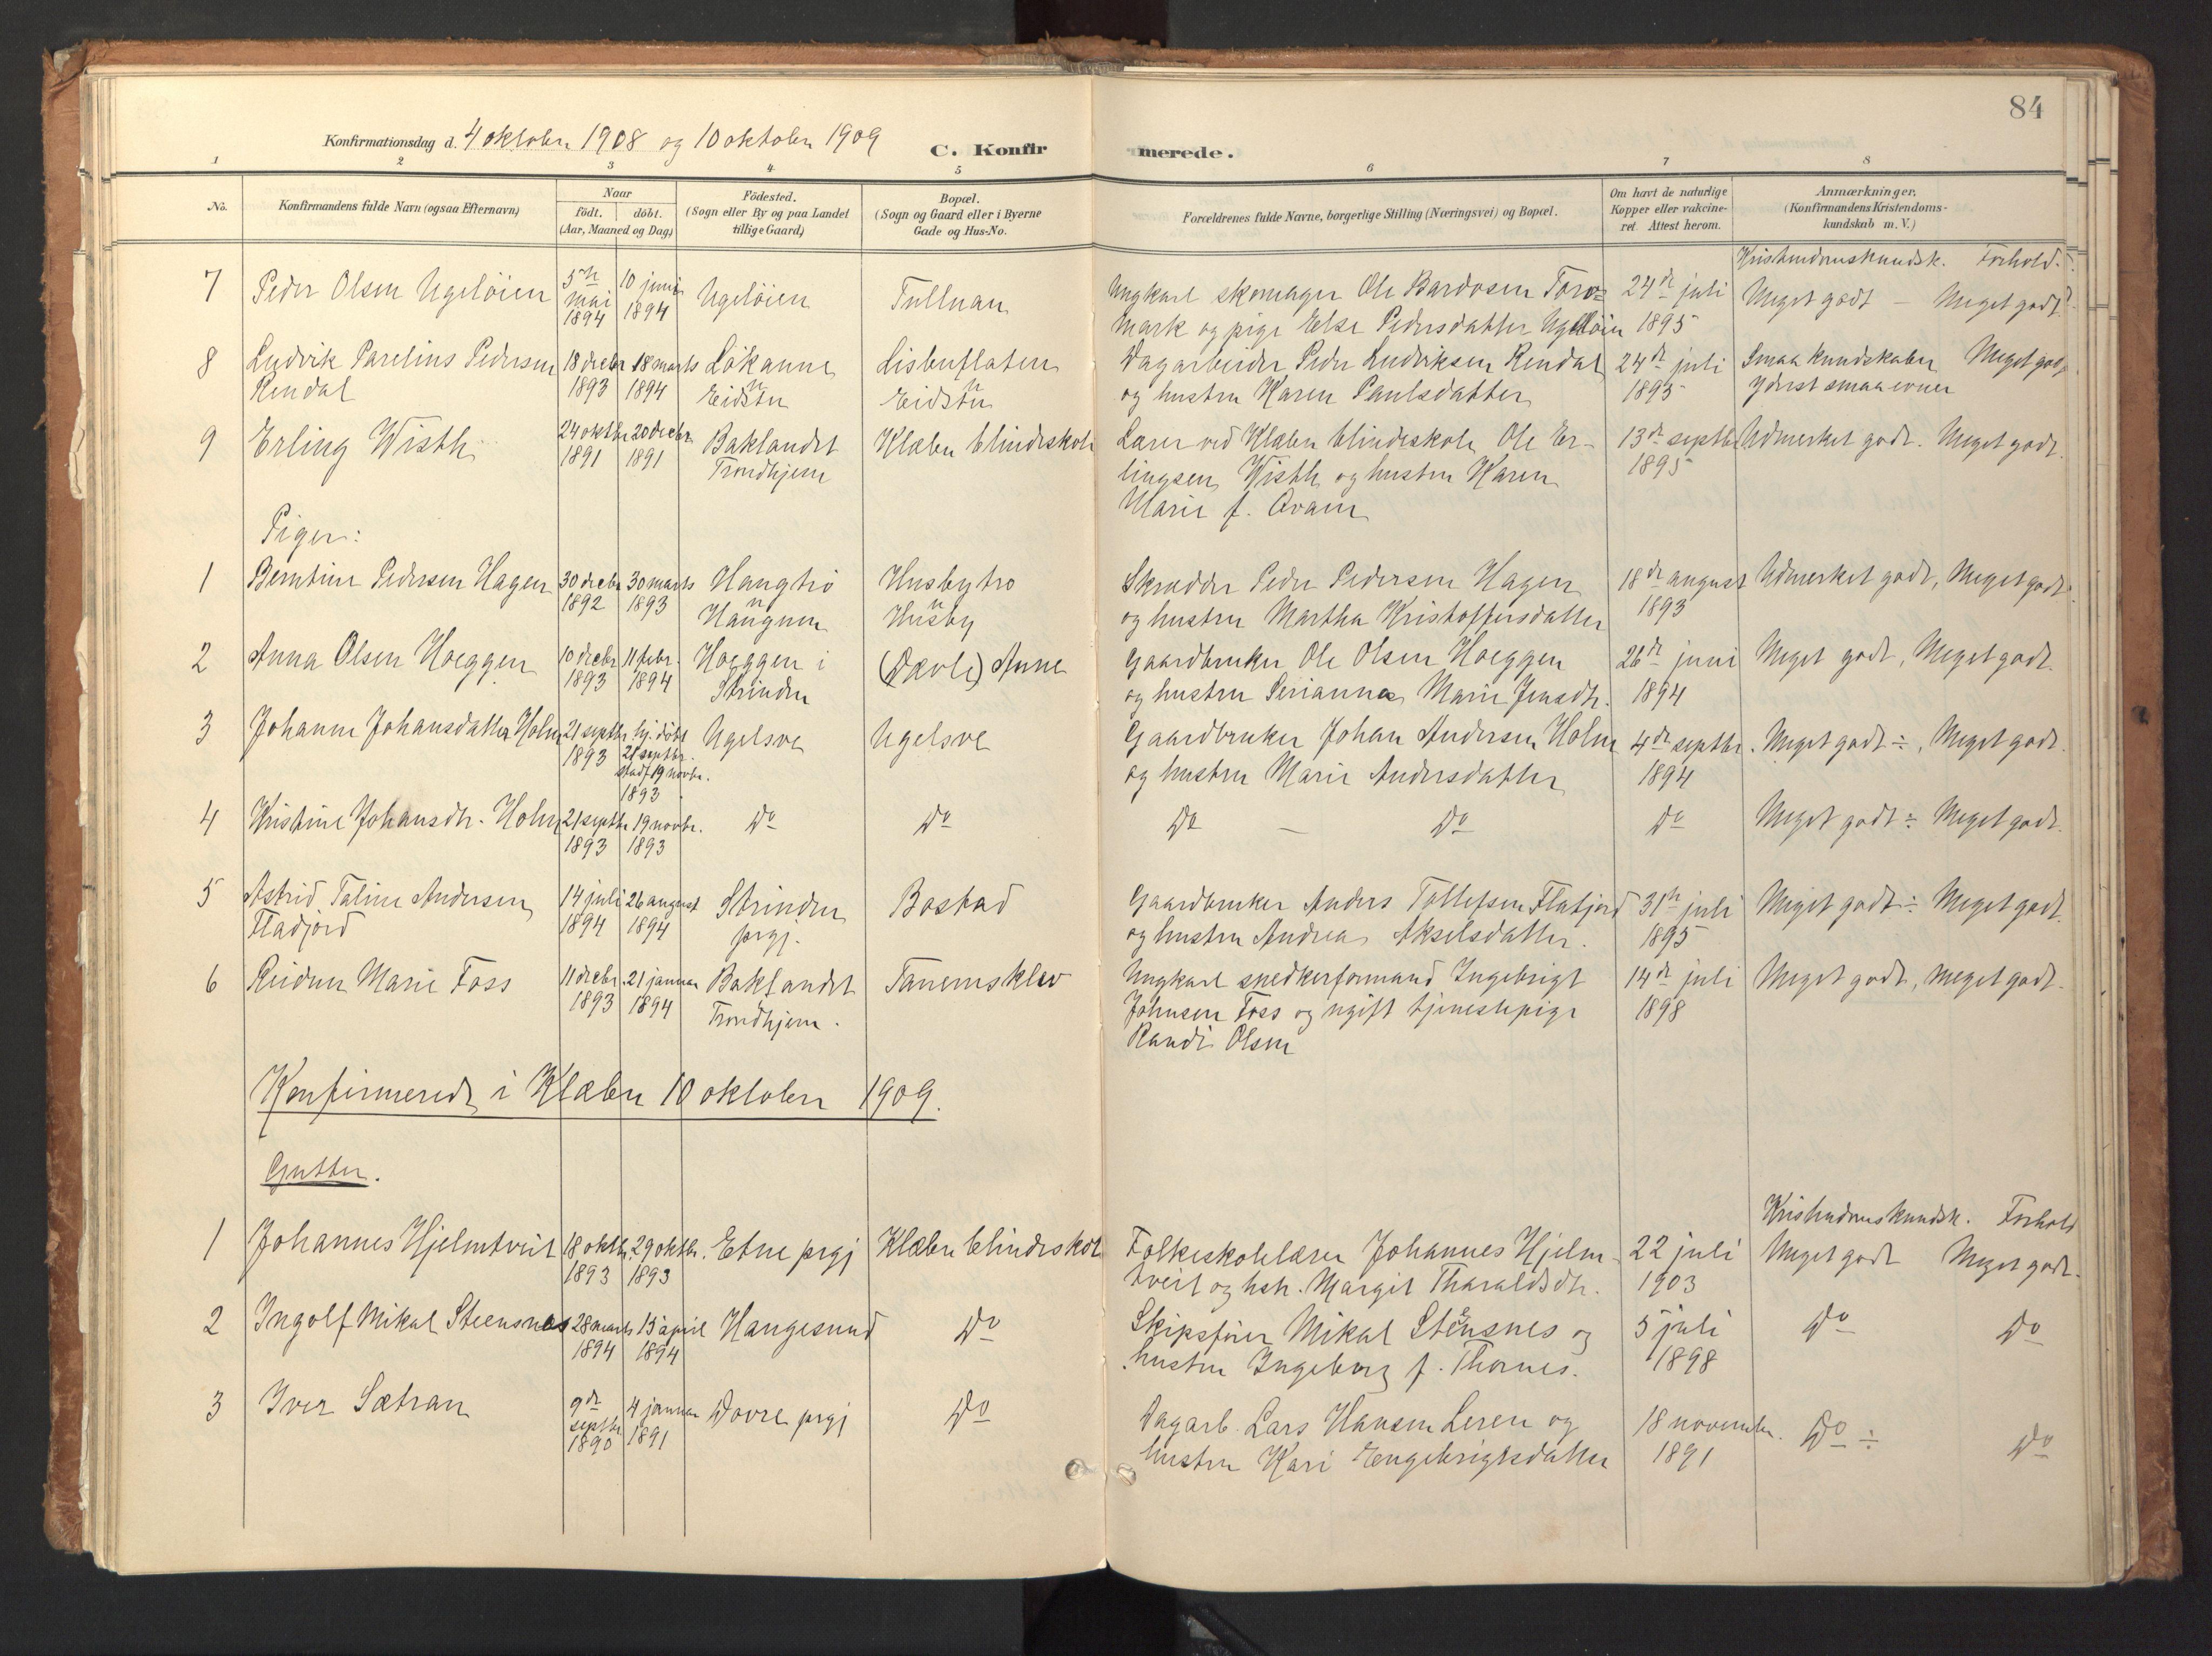 SAT, Ministerialprotokoller, klokkerbøker og fødselsregistre - Sør-Trøndelag, 618/L0448: Ministerialbok nr. 618A11, 1898-1916, s. 84